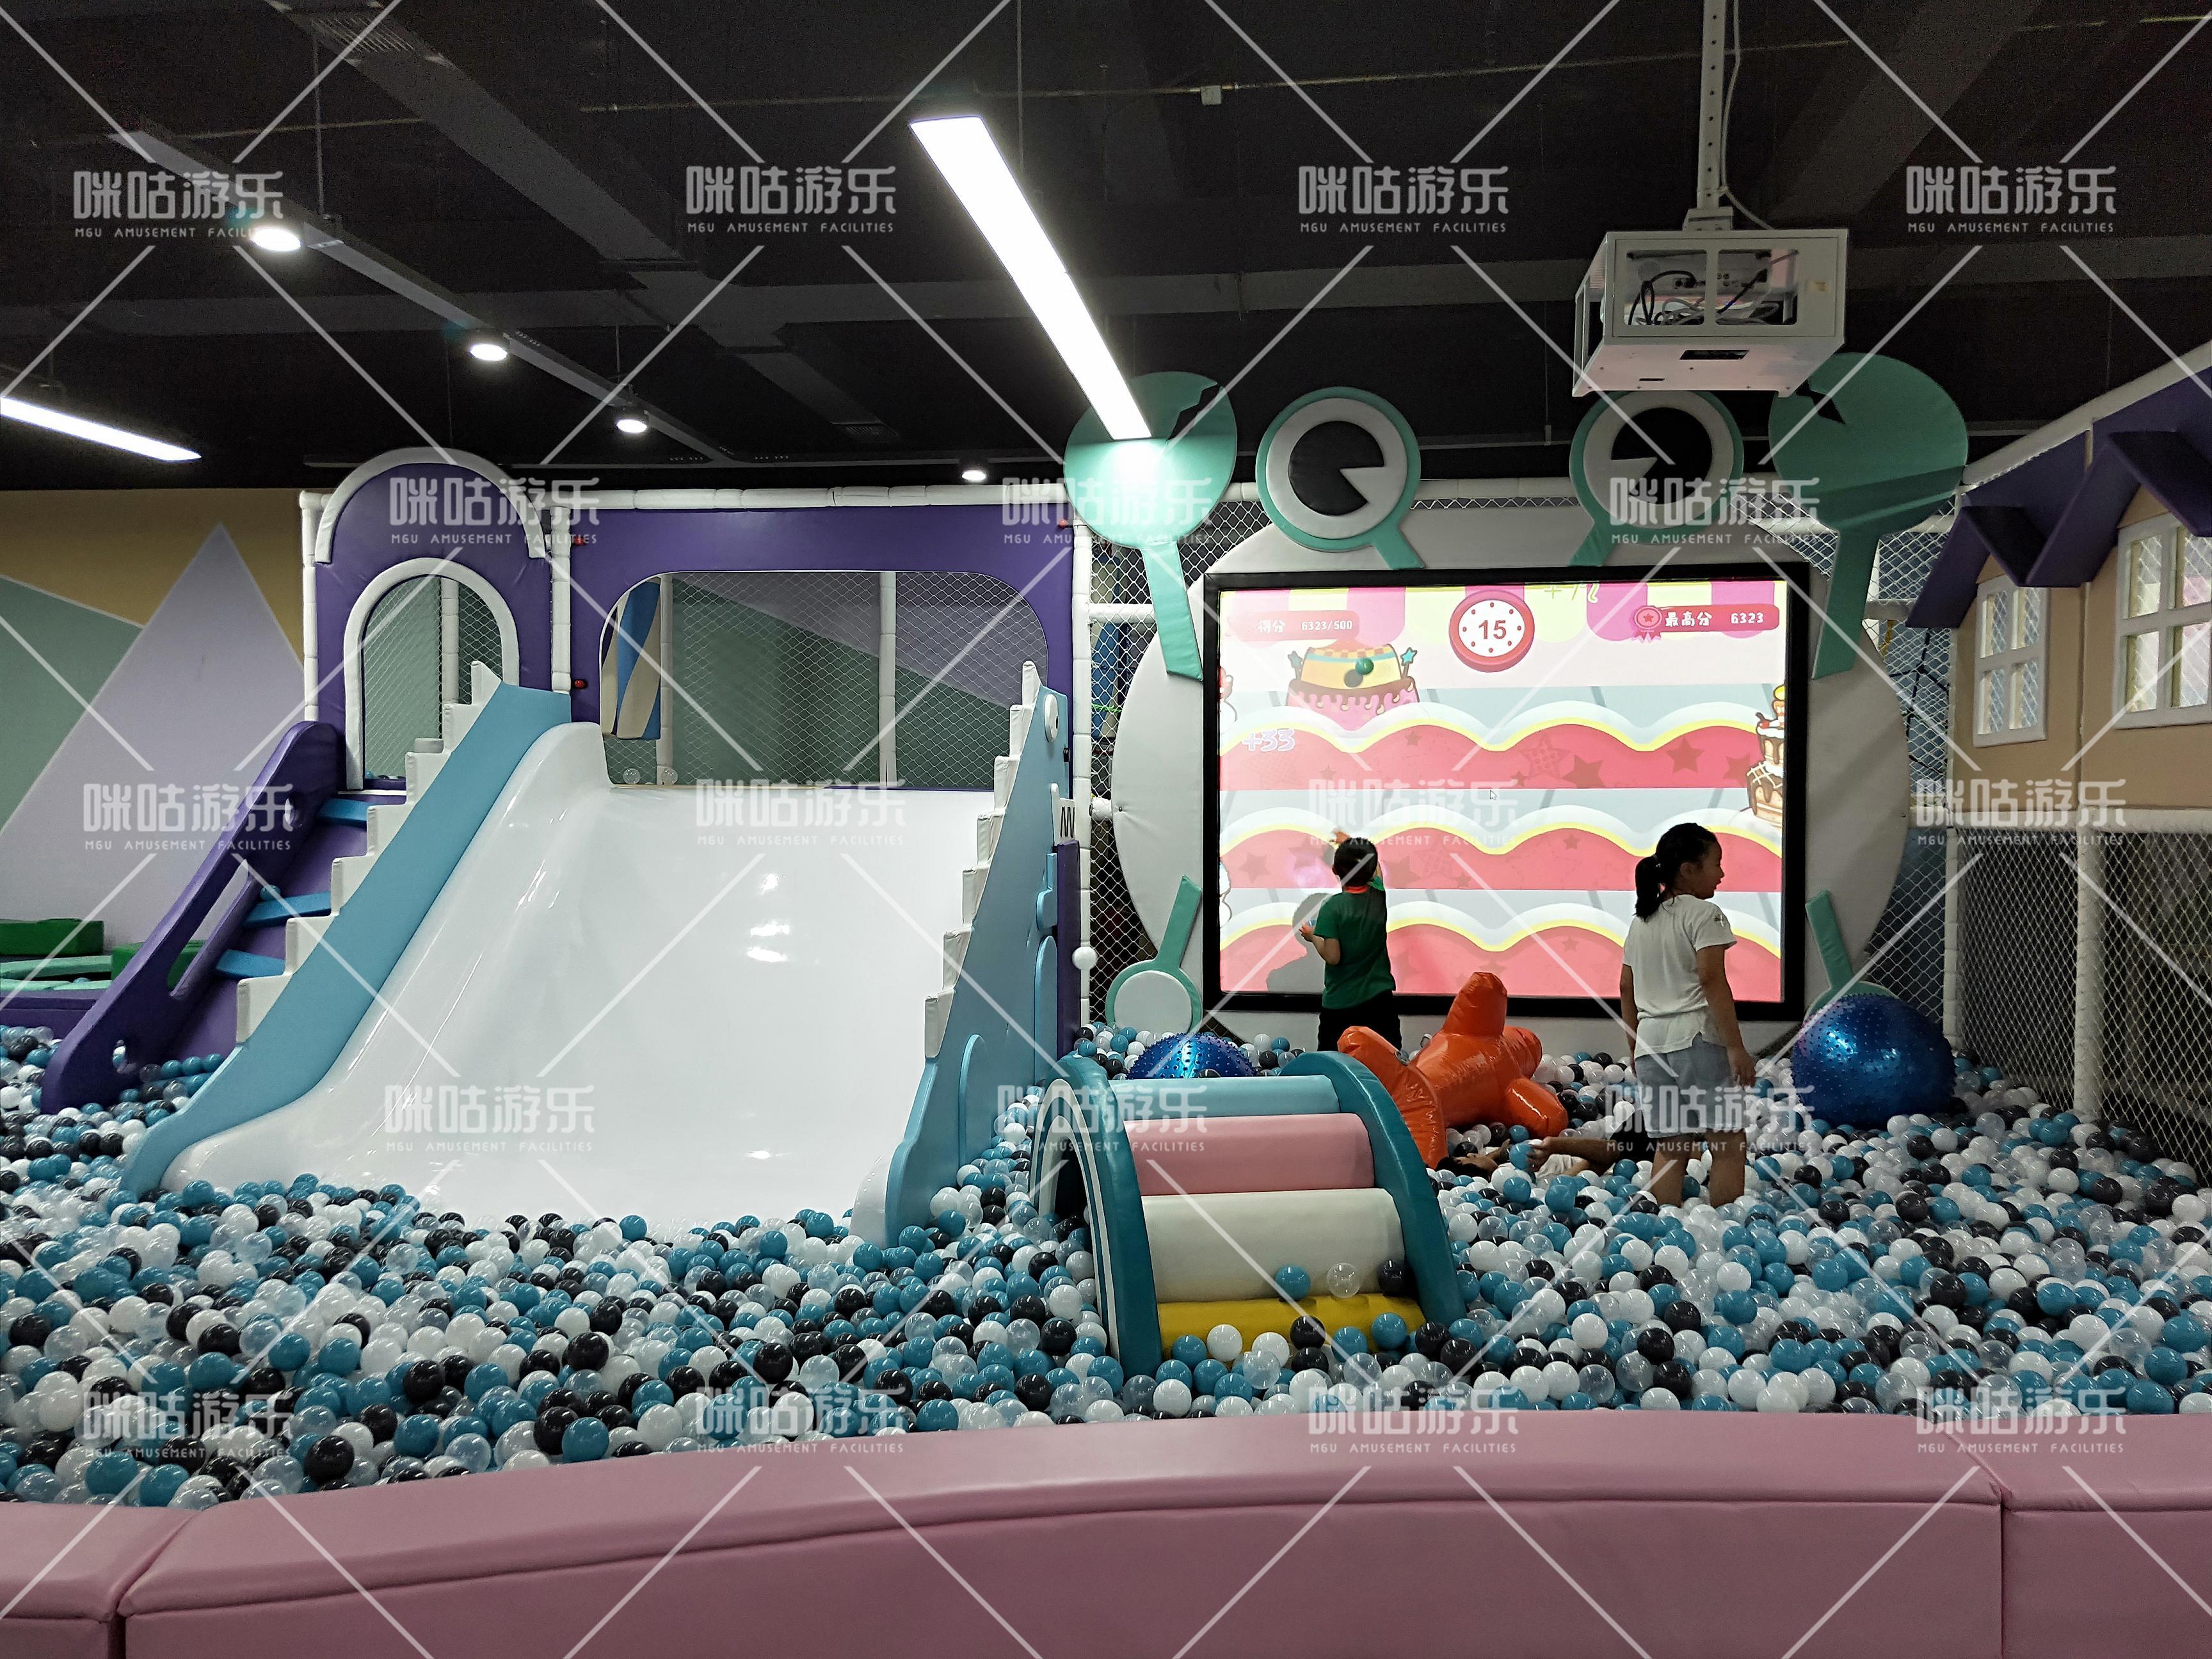 微信图片_20200429155852.jpg 室内儿童乐园遇到淡季该怎么解决? 加盟资讯 游乐设备第2张